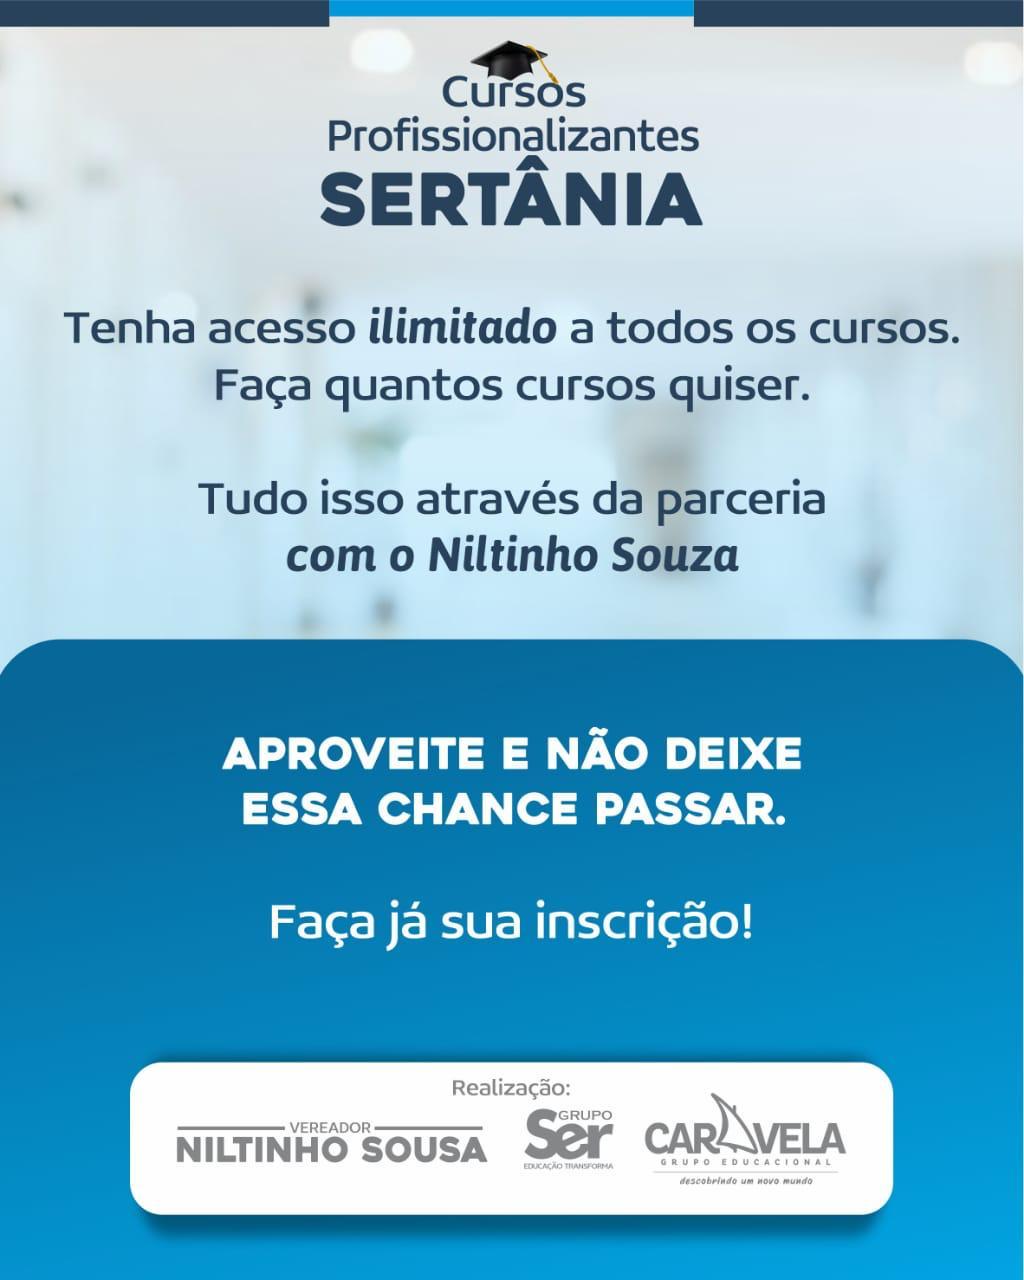 WhatsApp-Image-2021-06-19-at-12.30.59-2 Em Sertânia: Vereador Niltinho Sousa, fecha parceria com Grupo Educacional para disponibilização de 20 cursos profissionalizantes para 300 pessoas